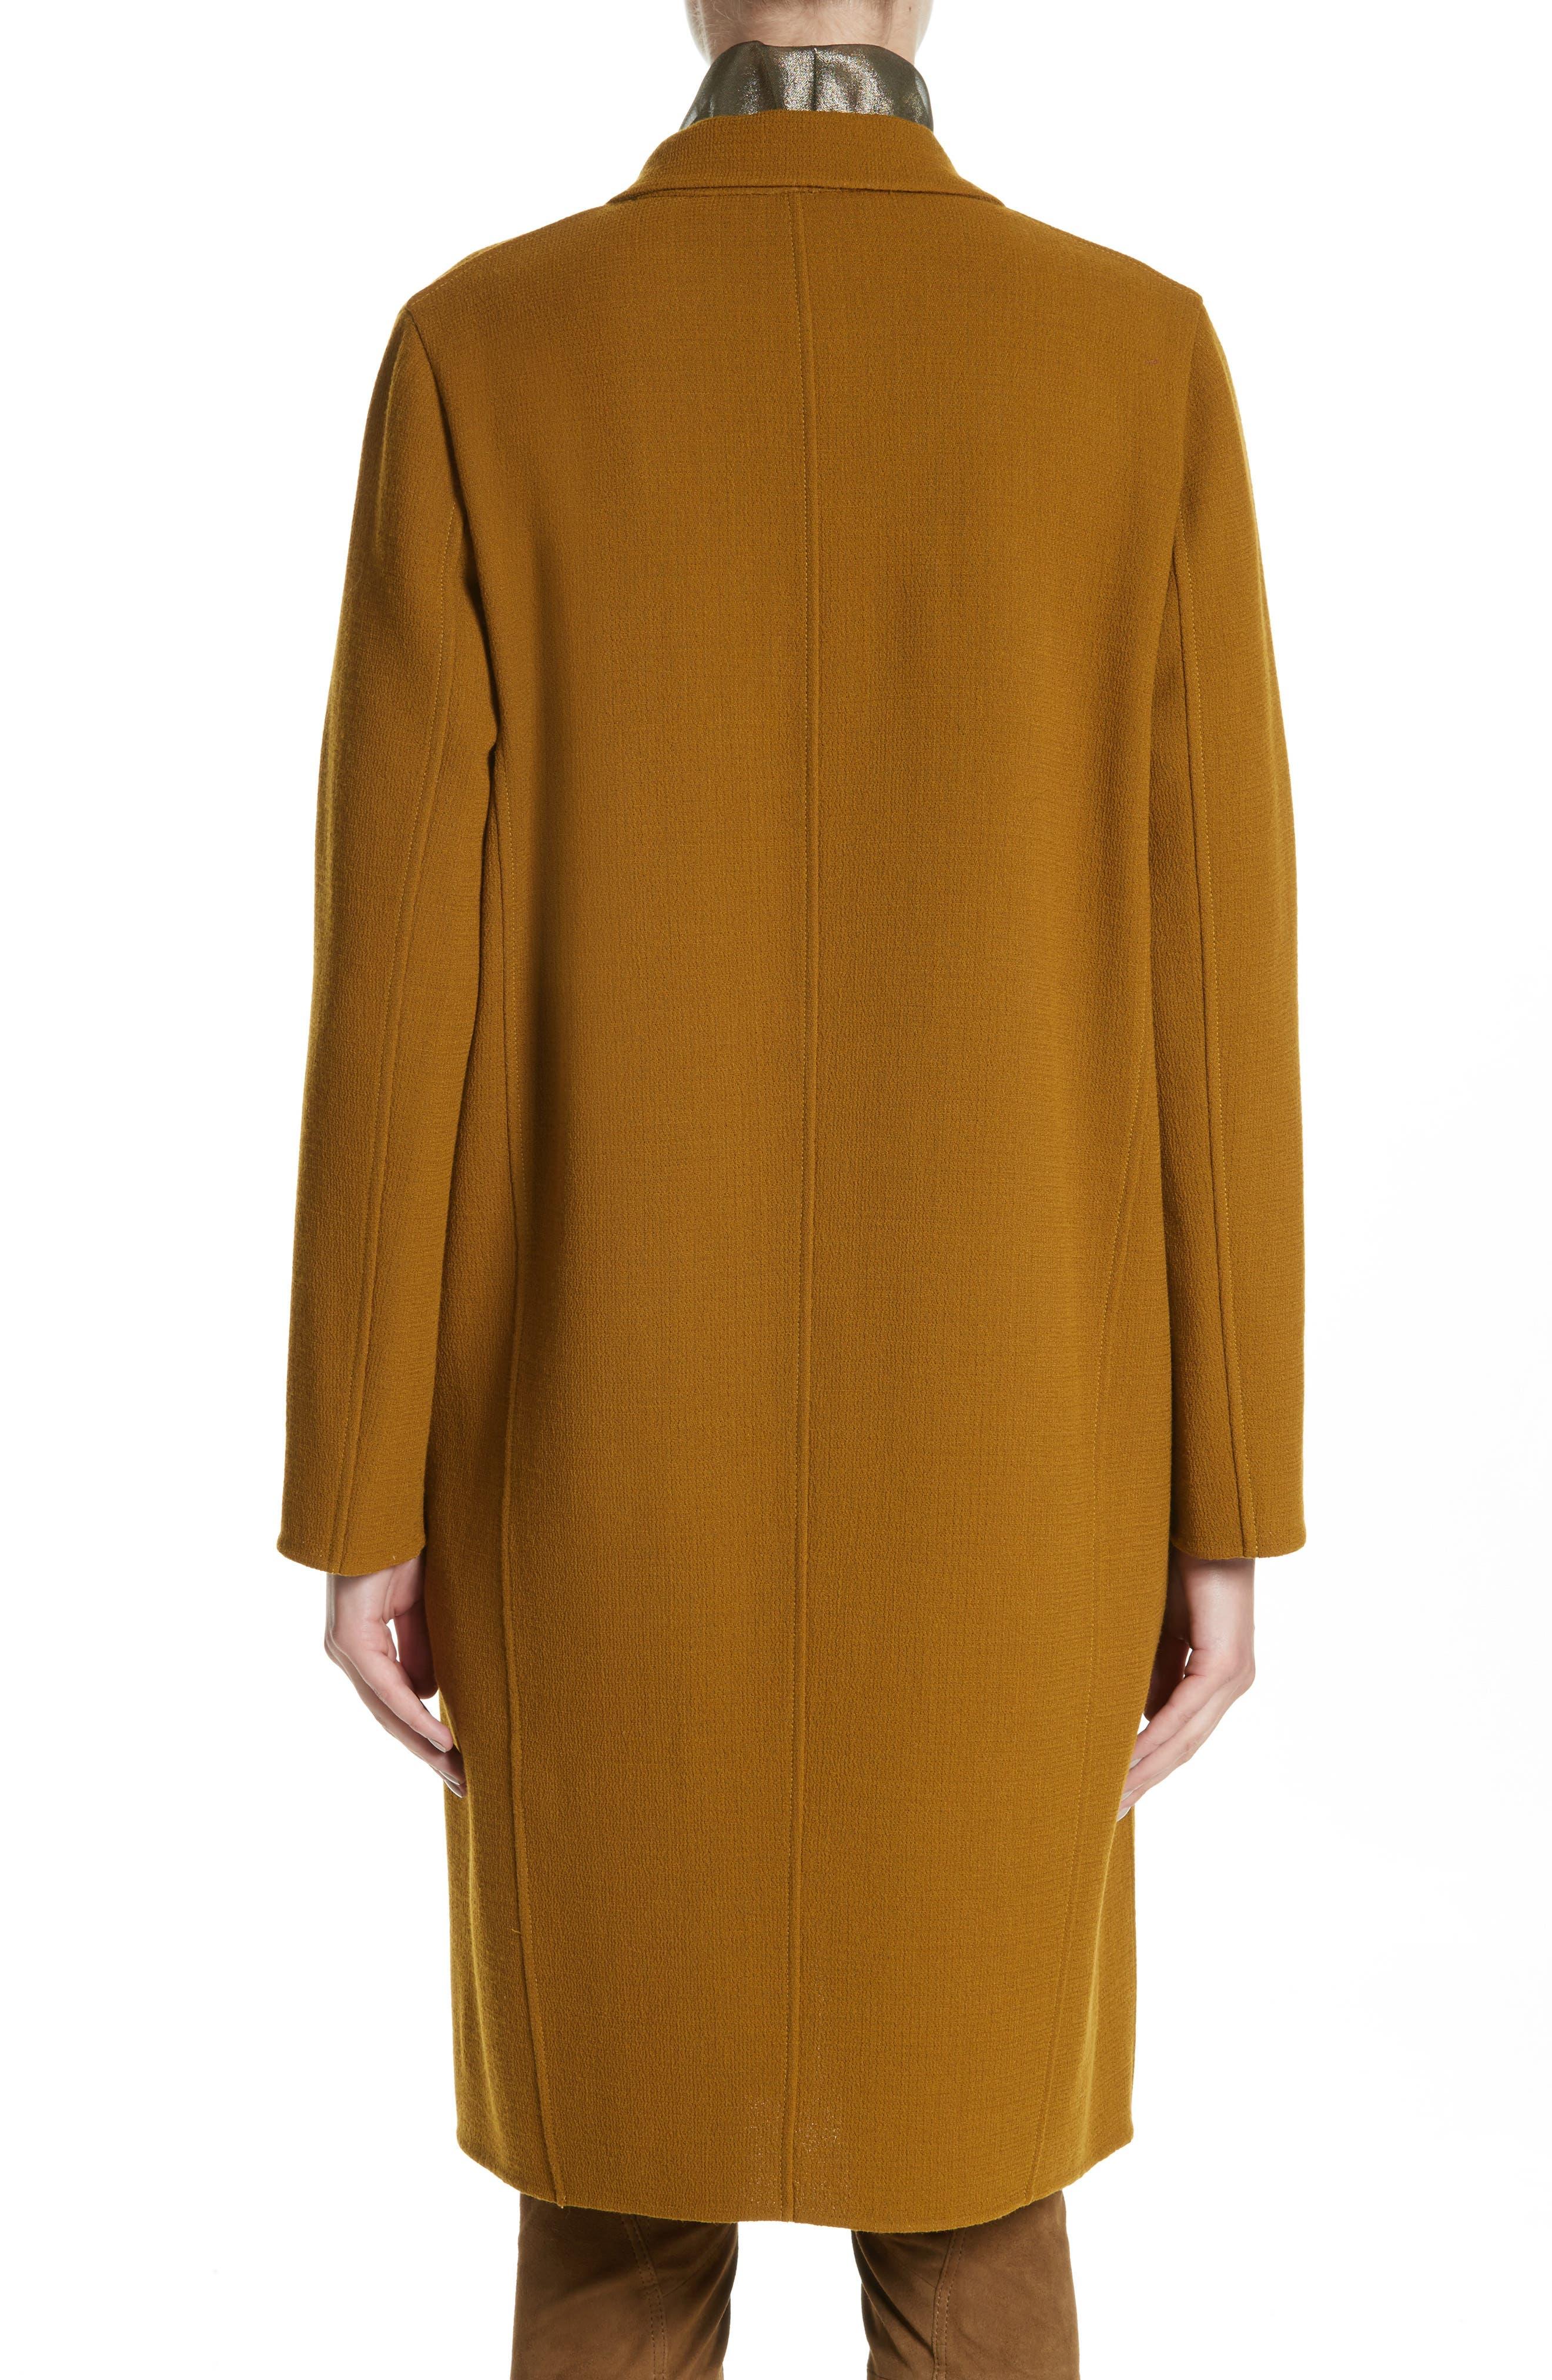 Alternate Image 2  - Lafayette 148 New York Jolina Nouveau Crepe Jacket